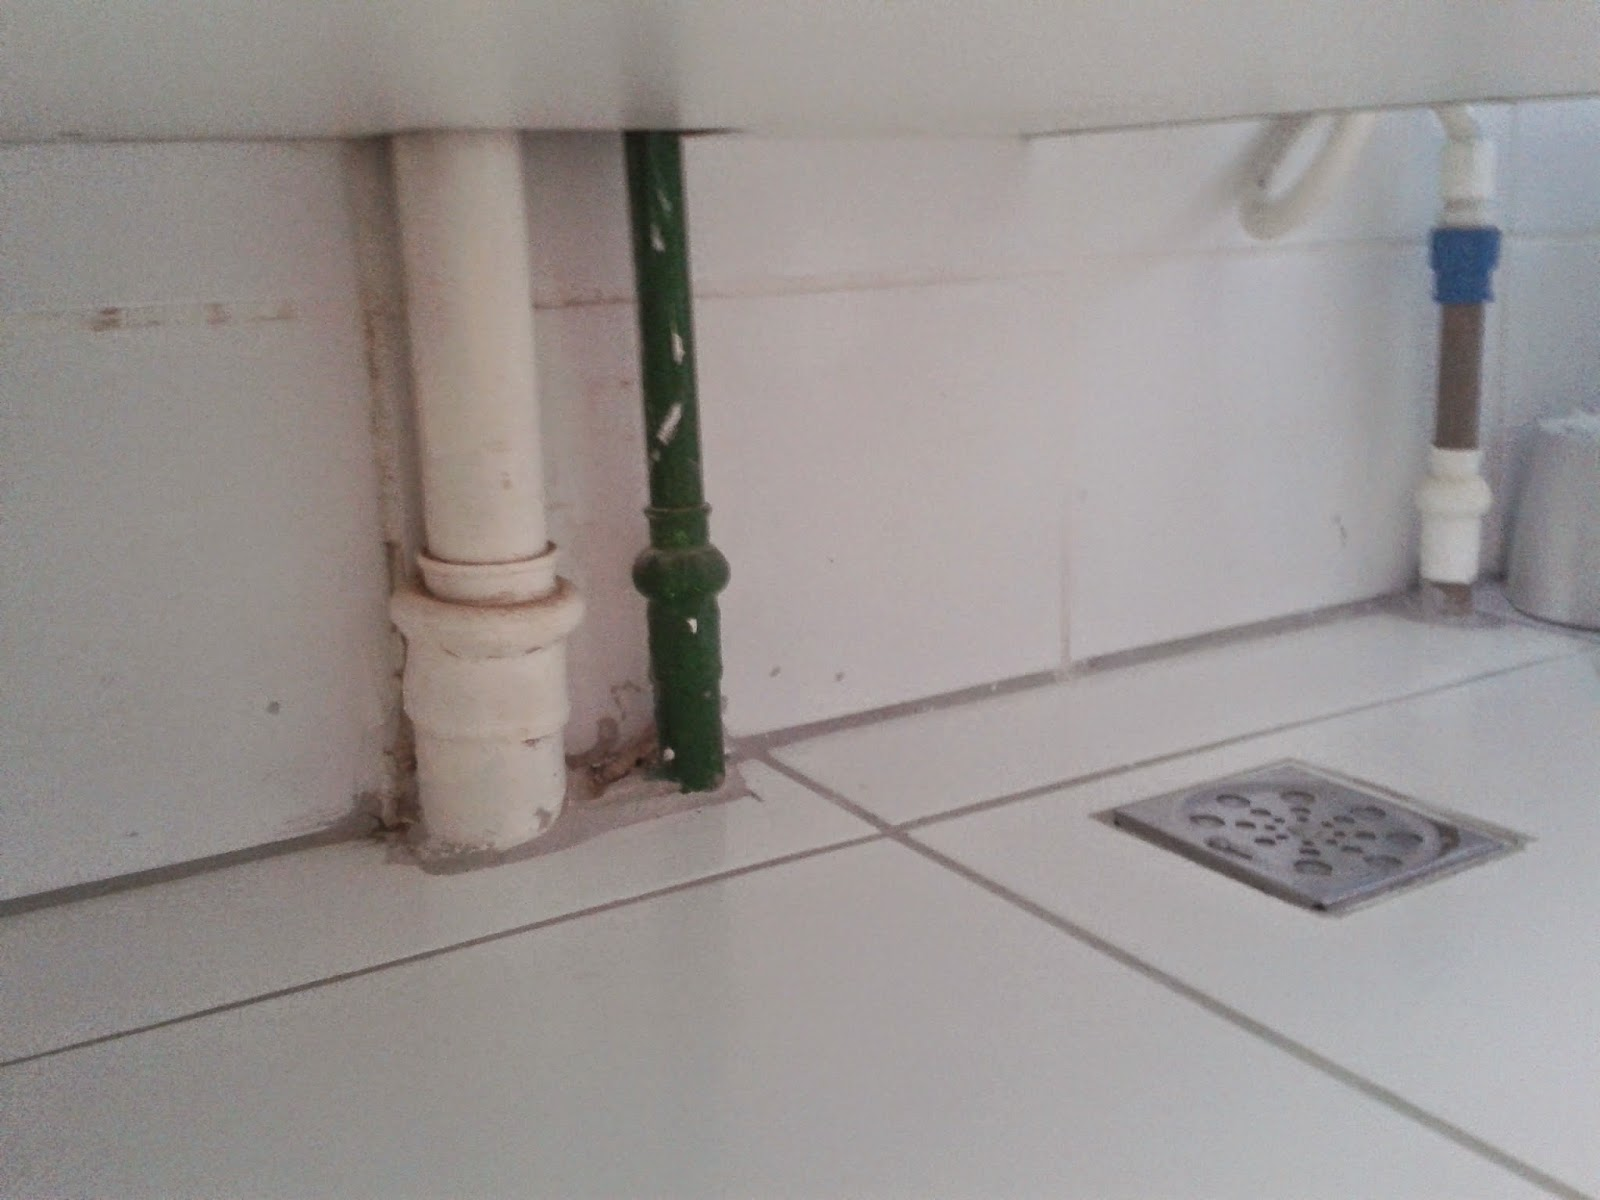 Esse espaço entre o armário e o piso dá uns 25cm como banheiro é  #5C4D47 1600x1200 Balança De Banheiro Como Usar